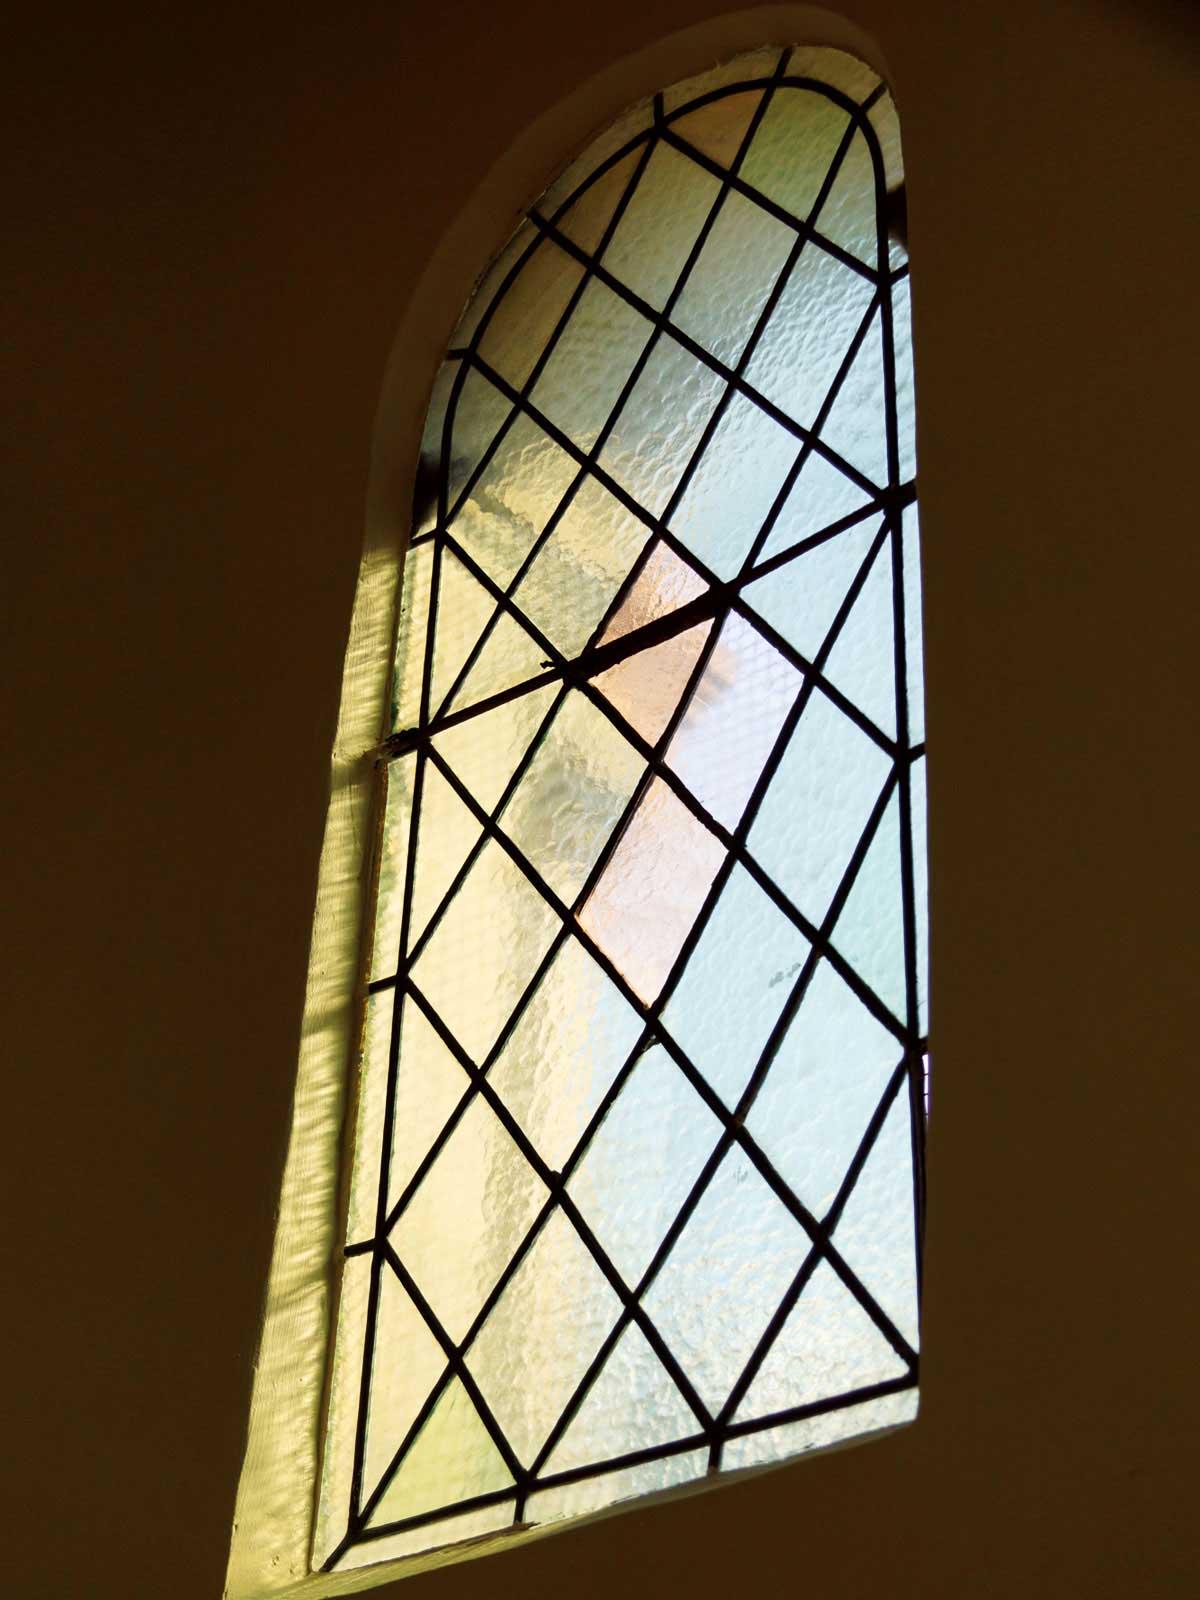 Seniorenzentrum-Bruder-Konrad-Stift-Mutterhauskirche-Marienschwestern-Fenster-4